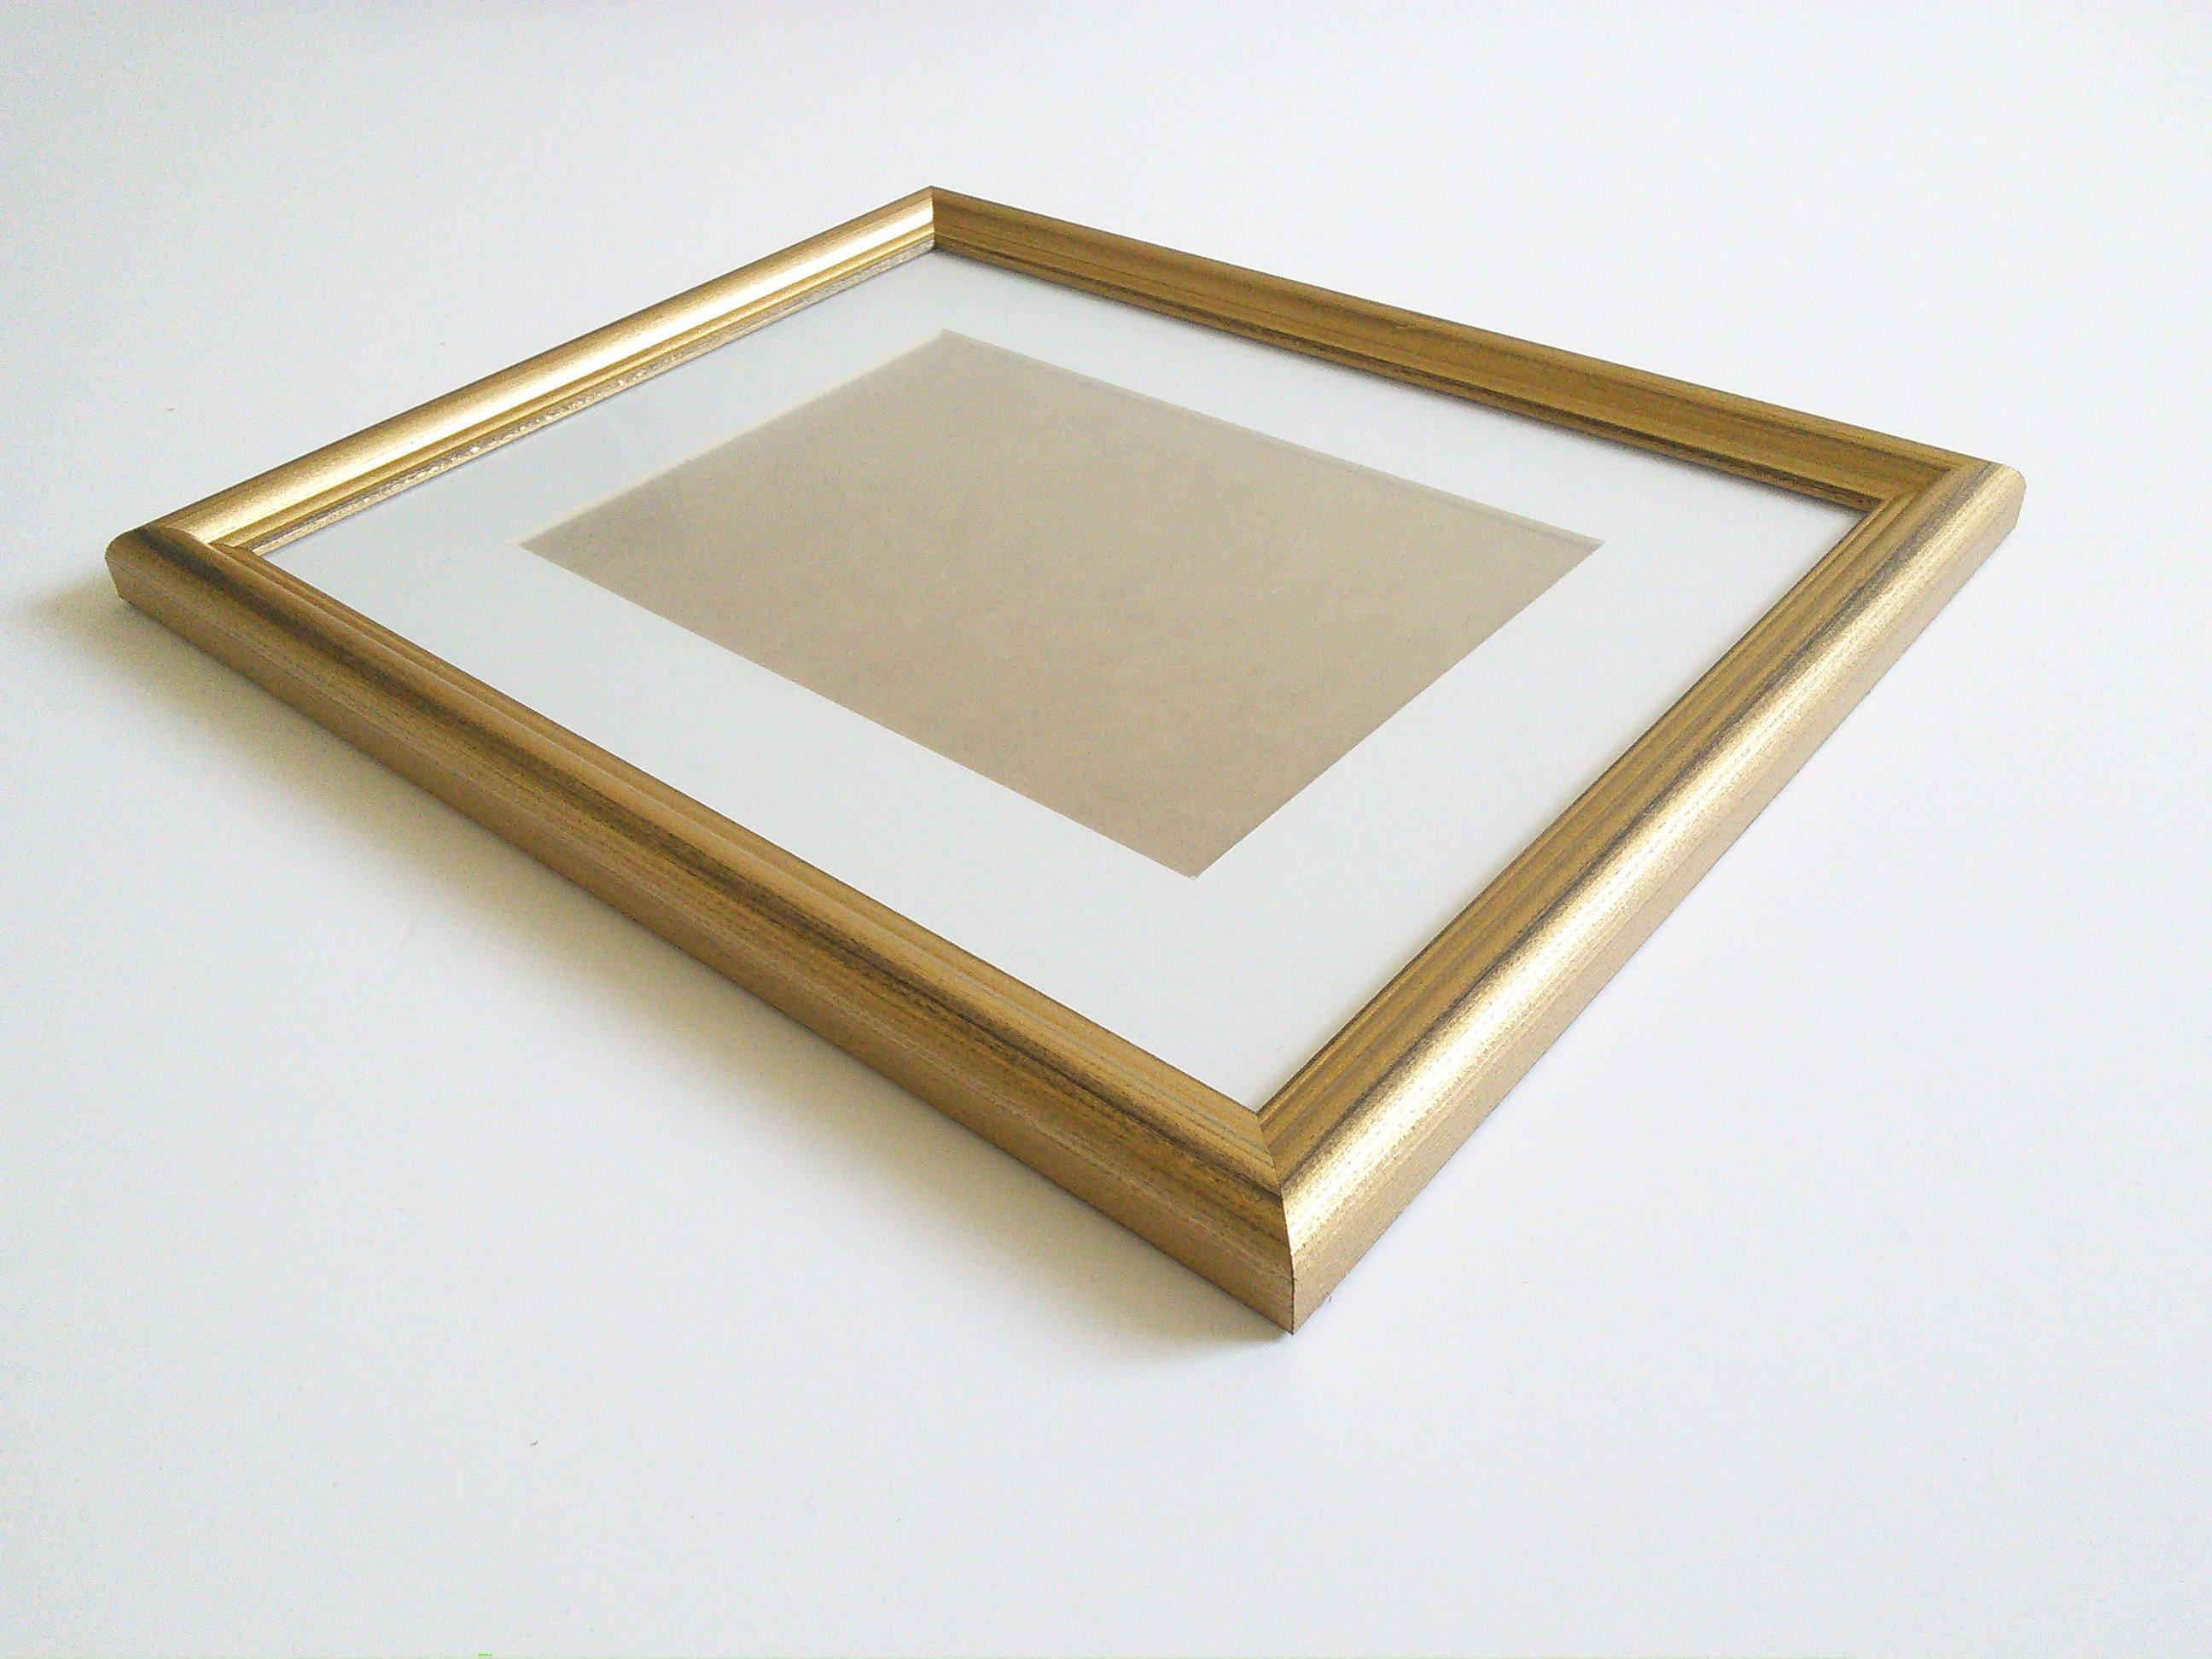 Atemberaubend Schäbige Schicke Frames Ziel Fotos ...